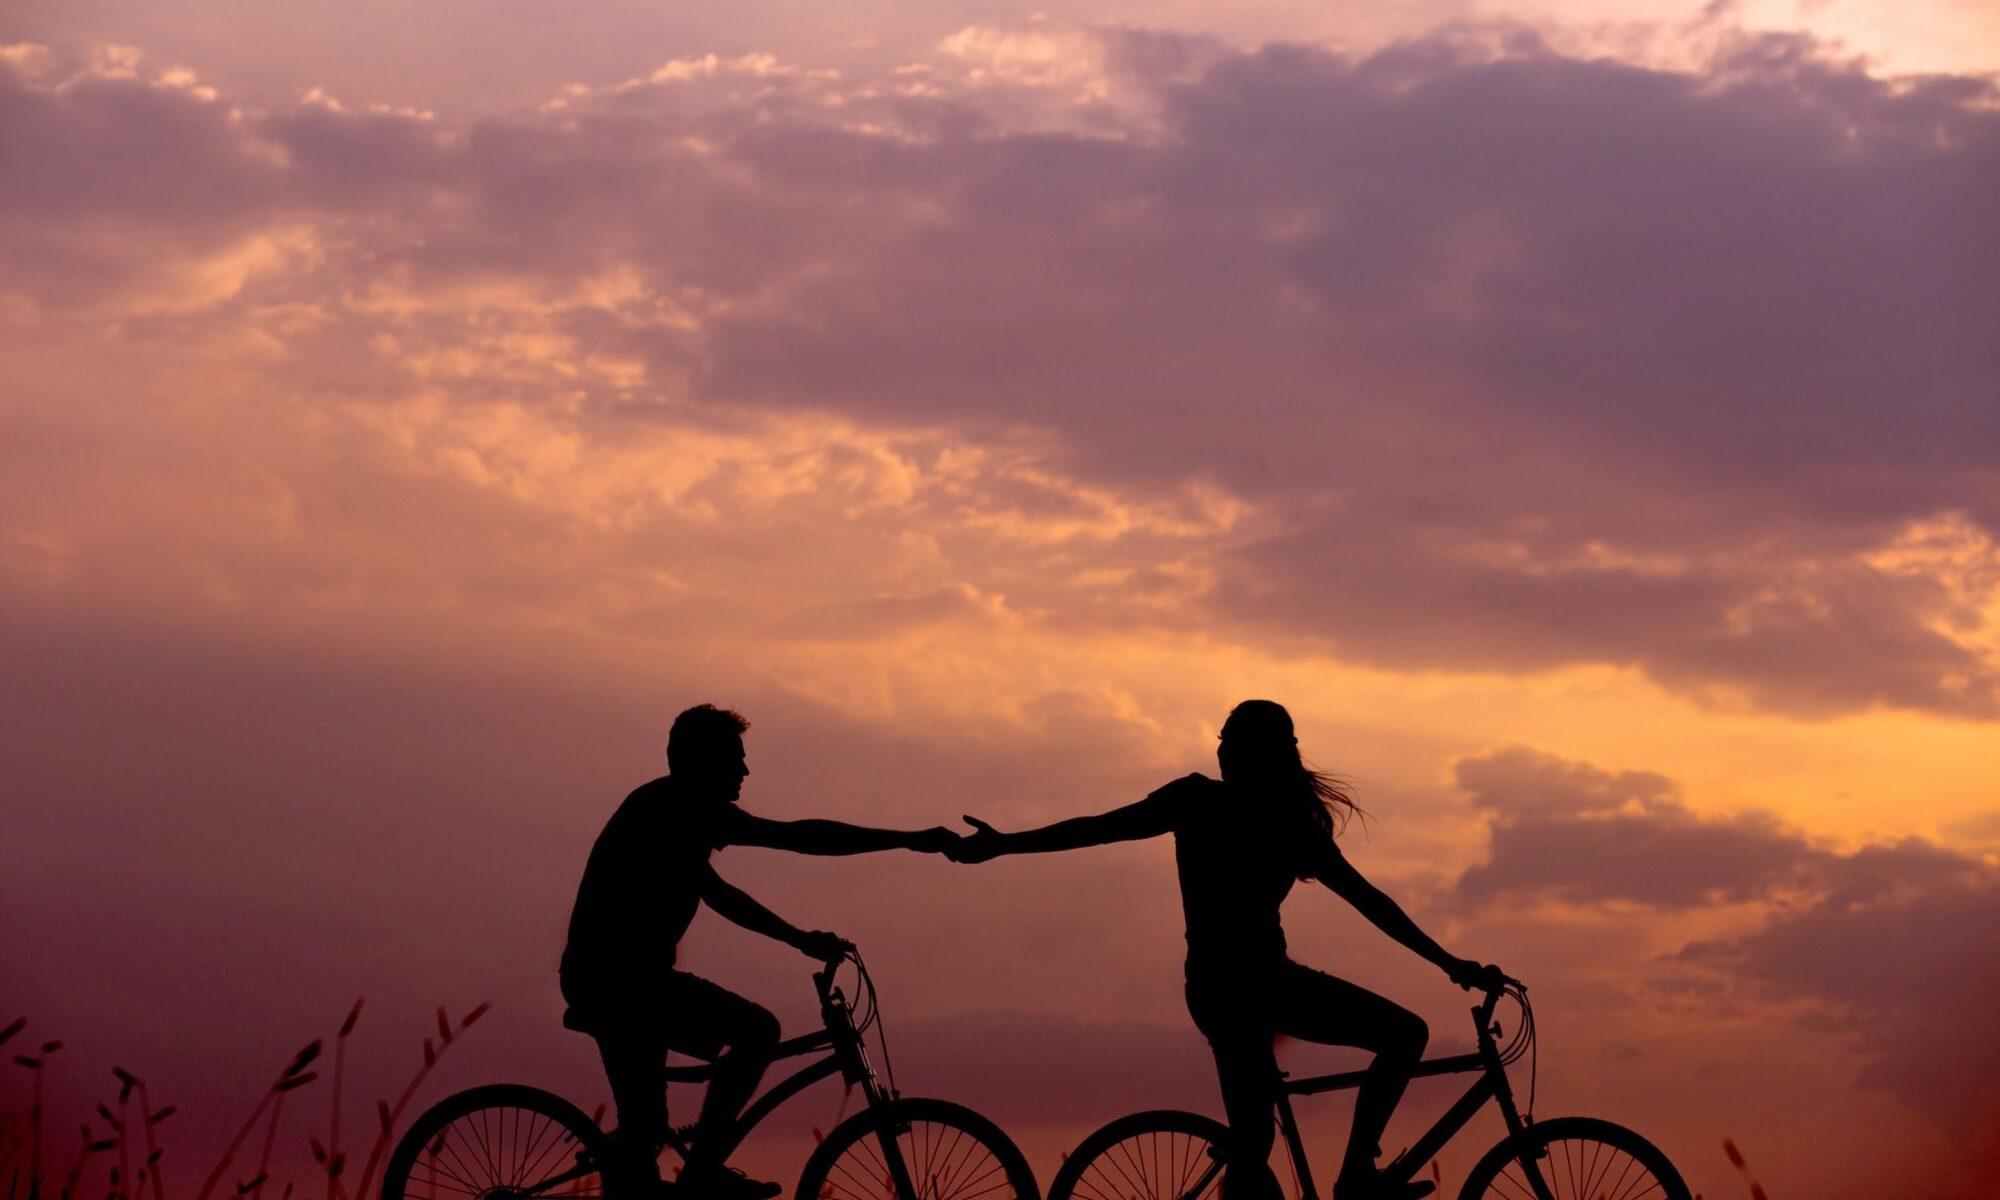 Paar auf Rädern im Sonnenuntergang